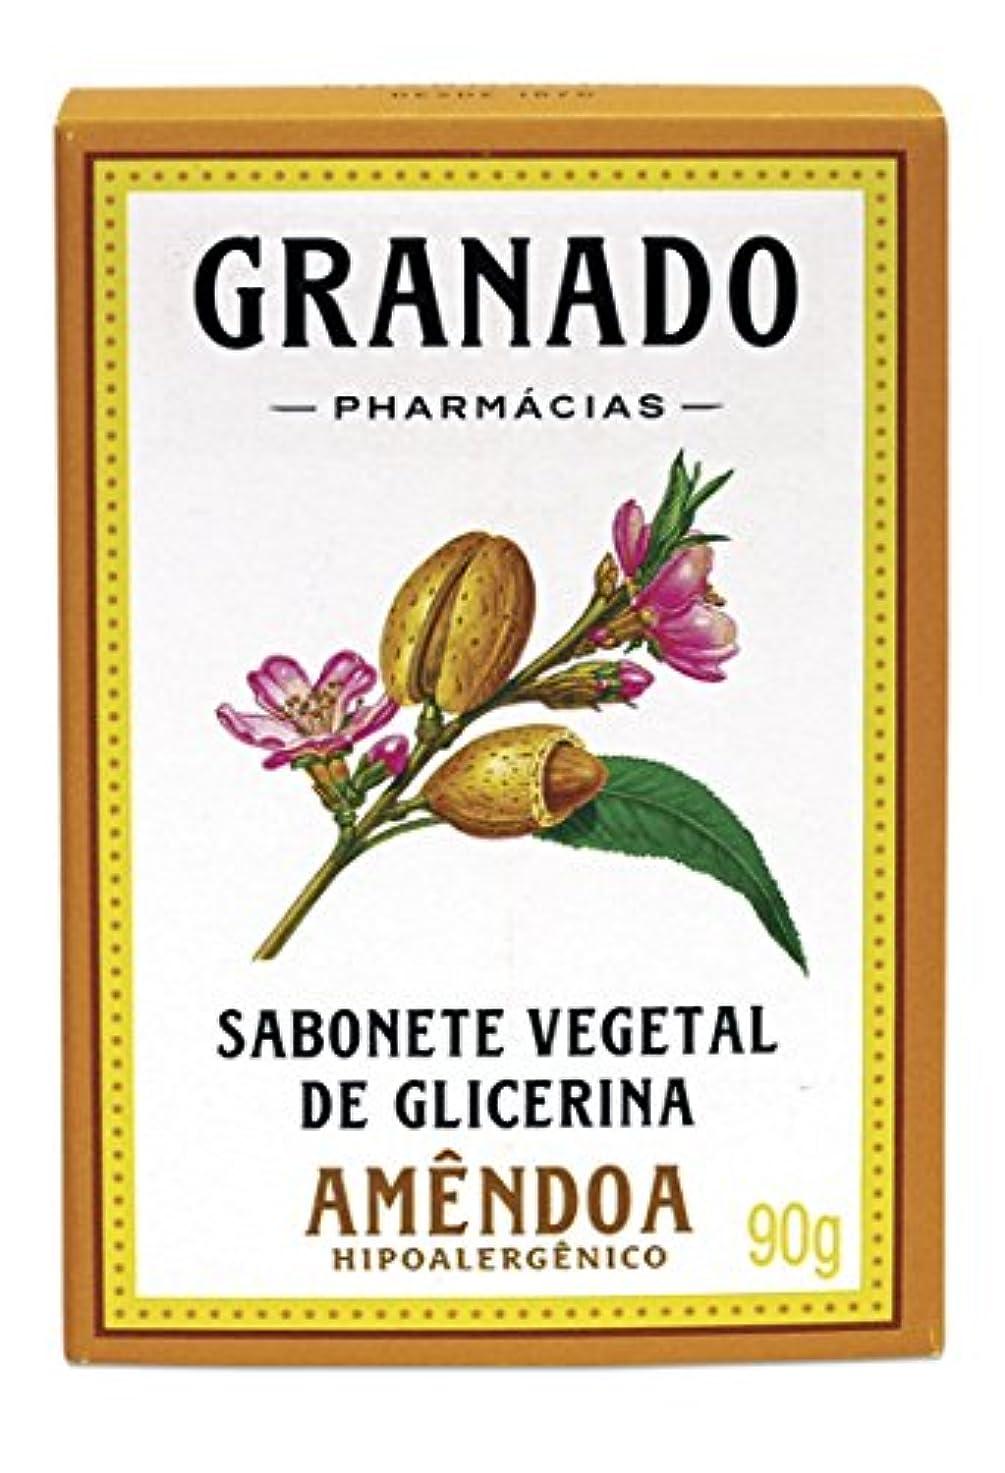 Linha Glicerina Granado - Sabonete em Barra Vegetal de Glicerina Amendoa 90 Gr - (Granado Glycerin Collection...